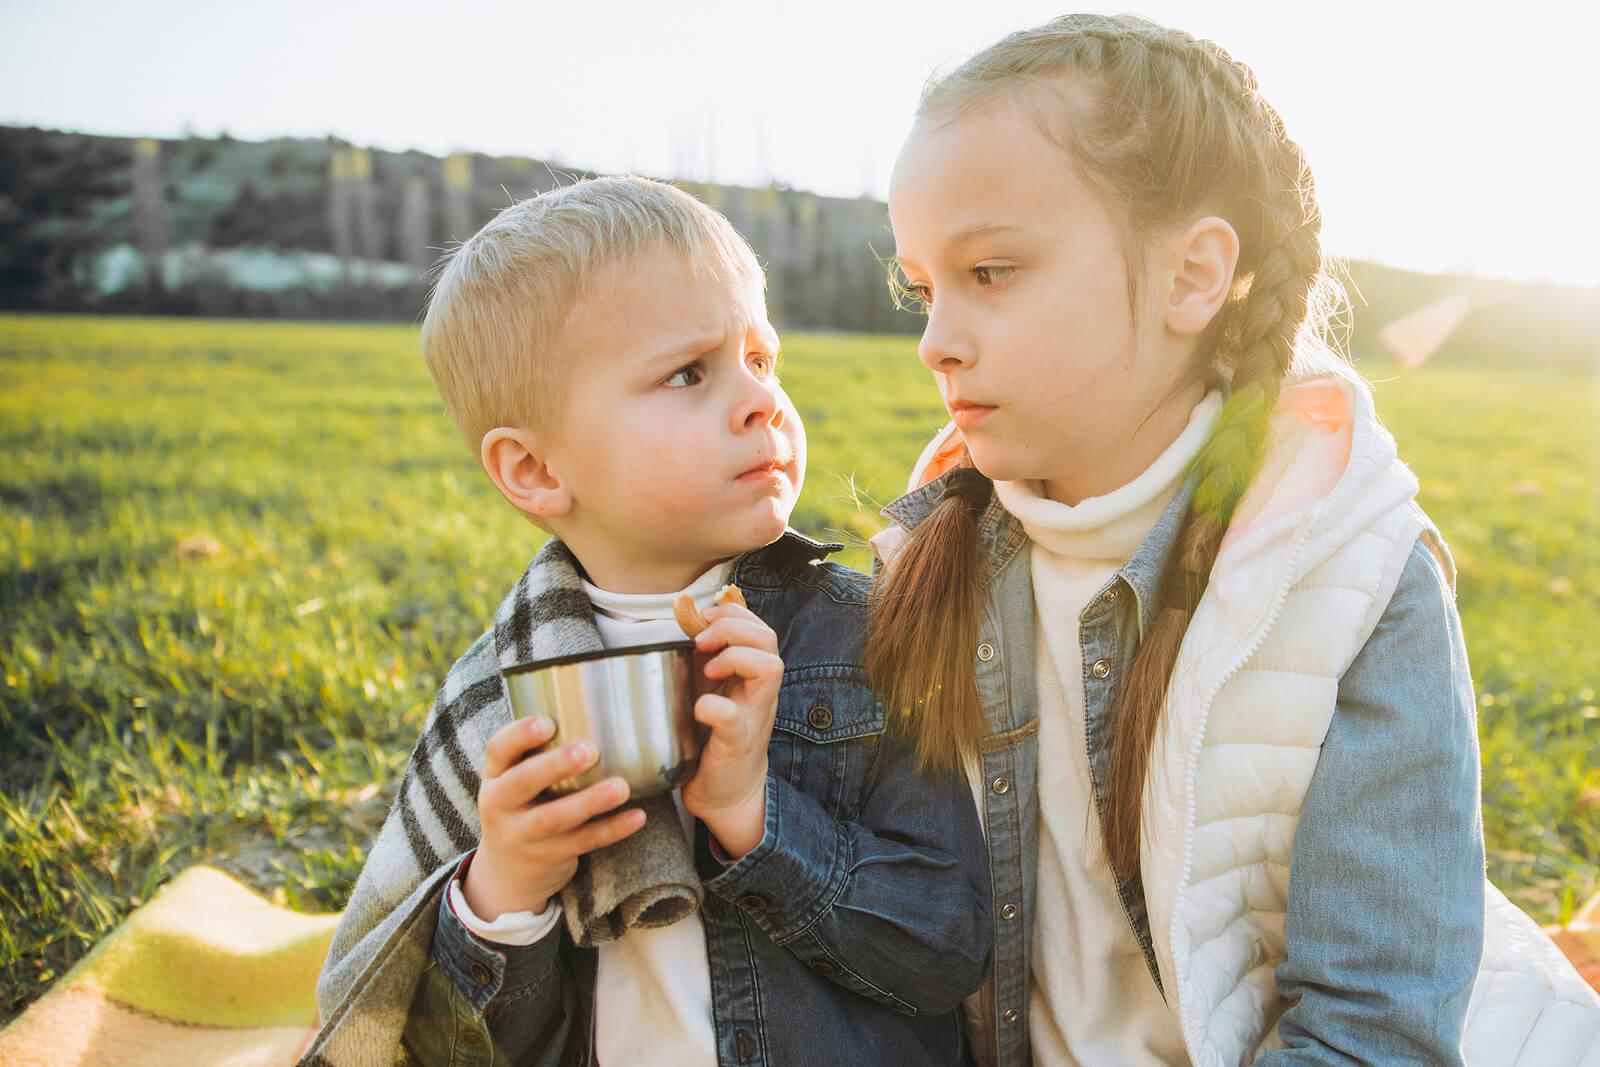 Hermanos enfadados mientras pasan un día en el campo.